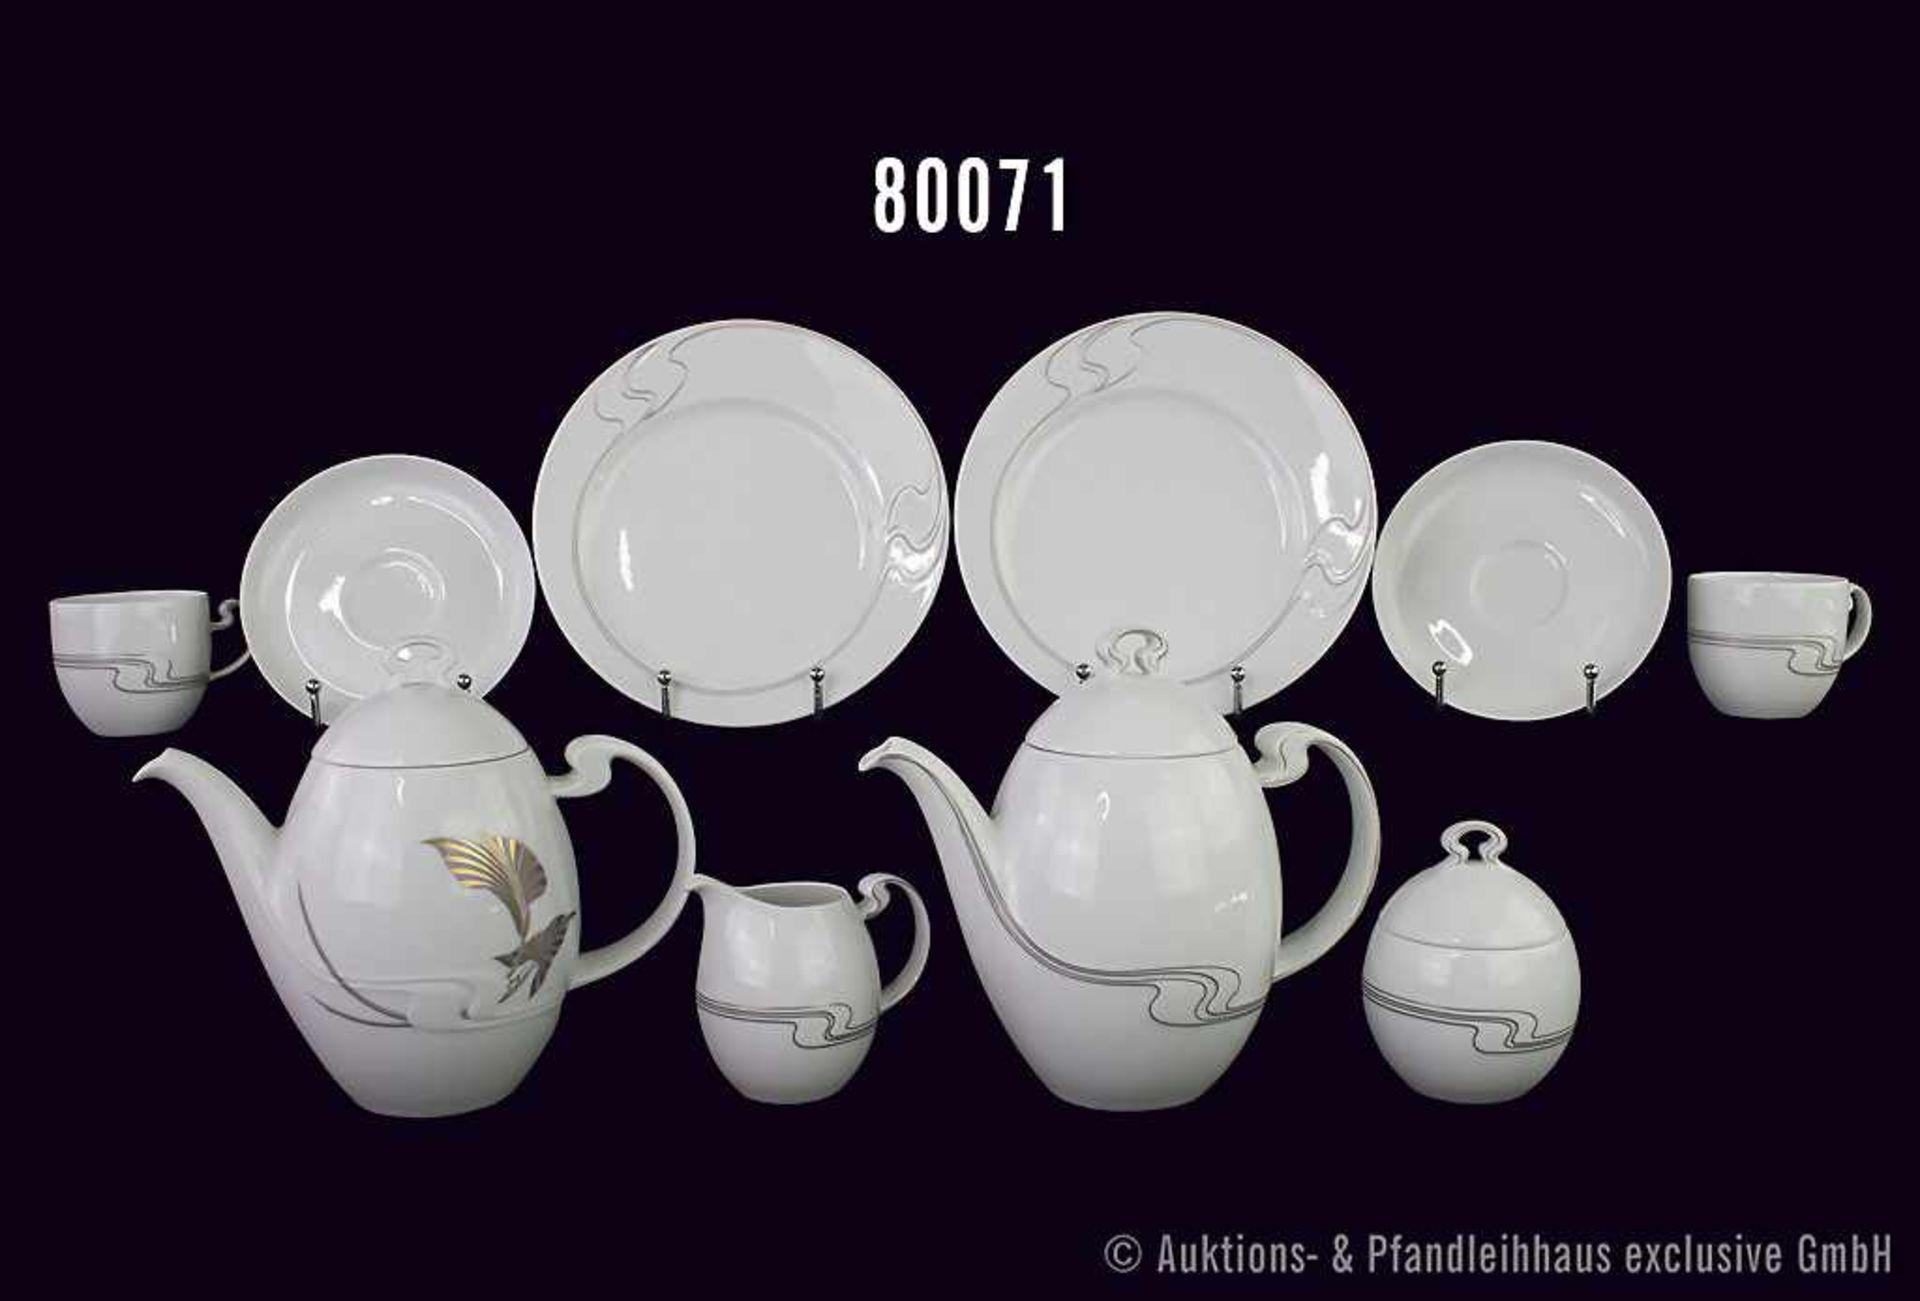 Konv. 23 Teile Rosenthal Porzellan, dabei Kaffee-Service mit 1 Kaffeekanne, 1 Zuckerdose, 1